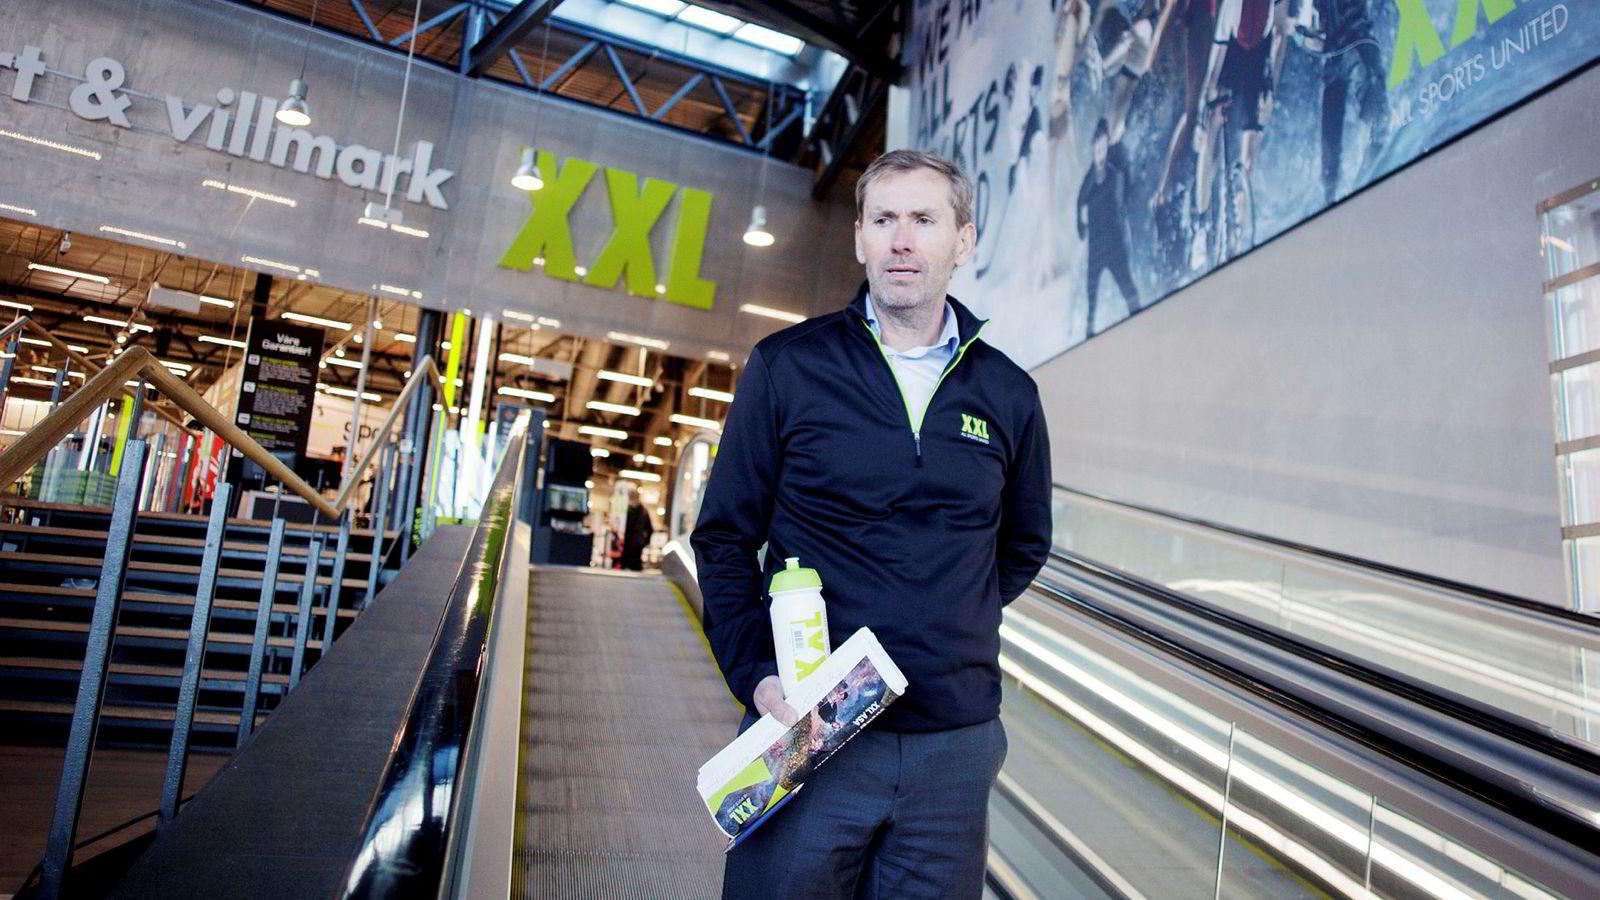 XXL toppsjef Ulf Bjerknes slutter.